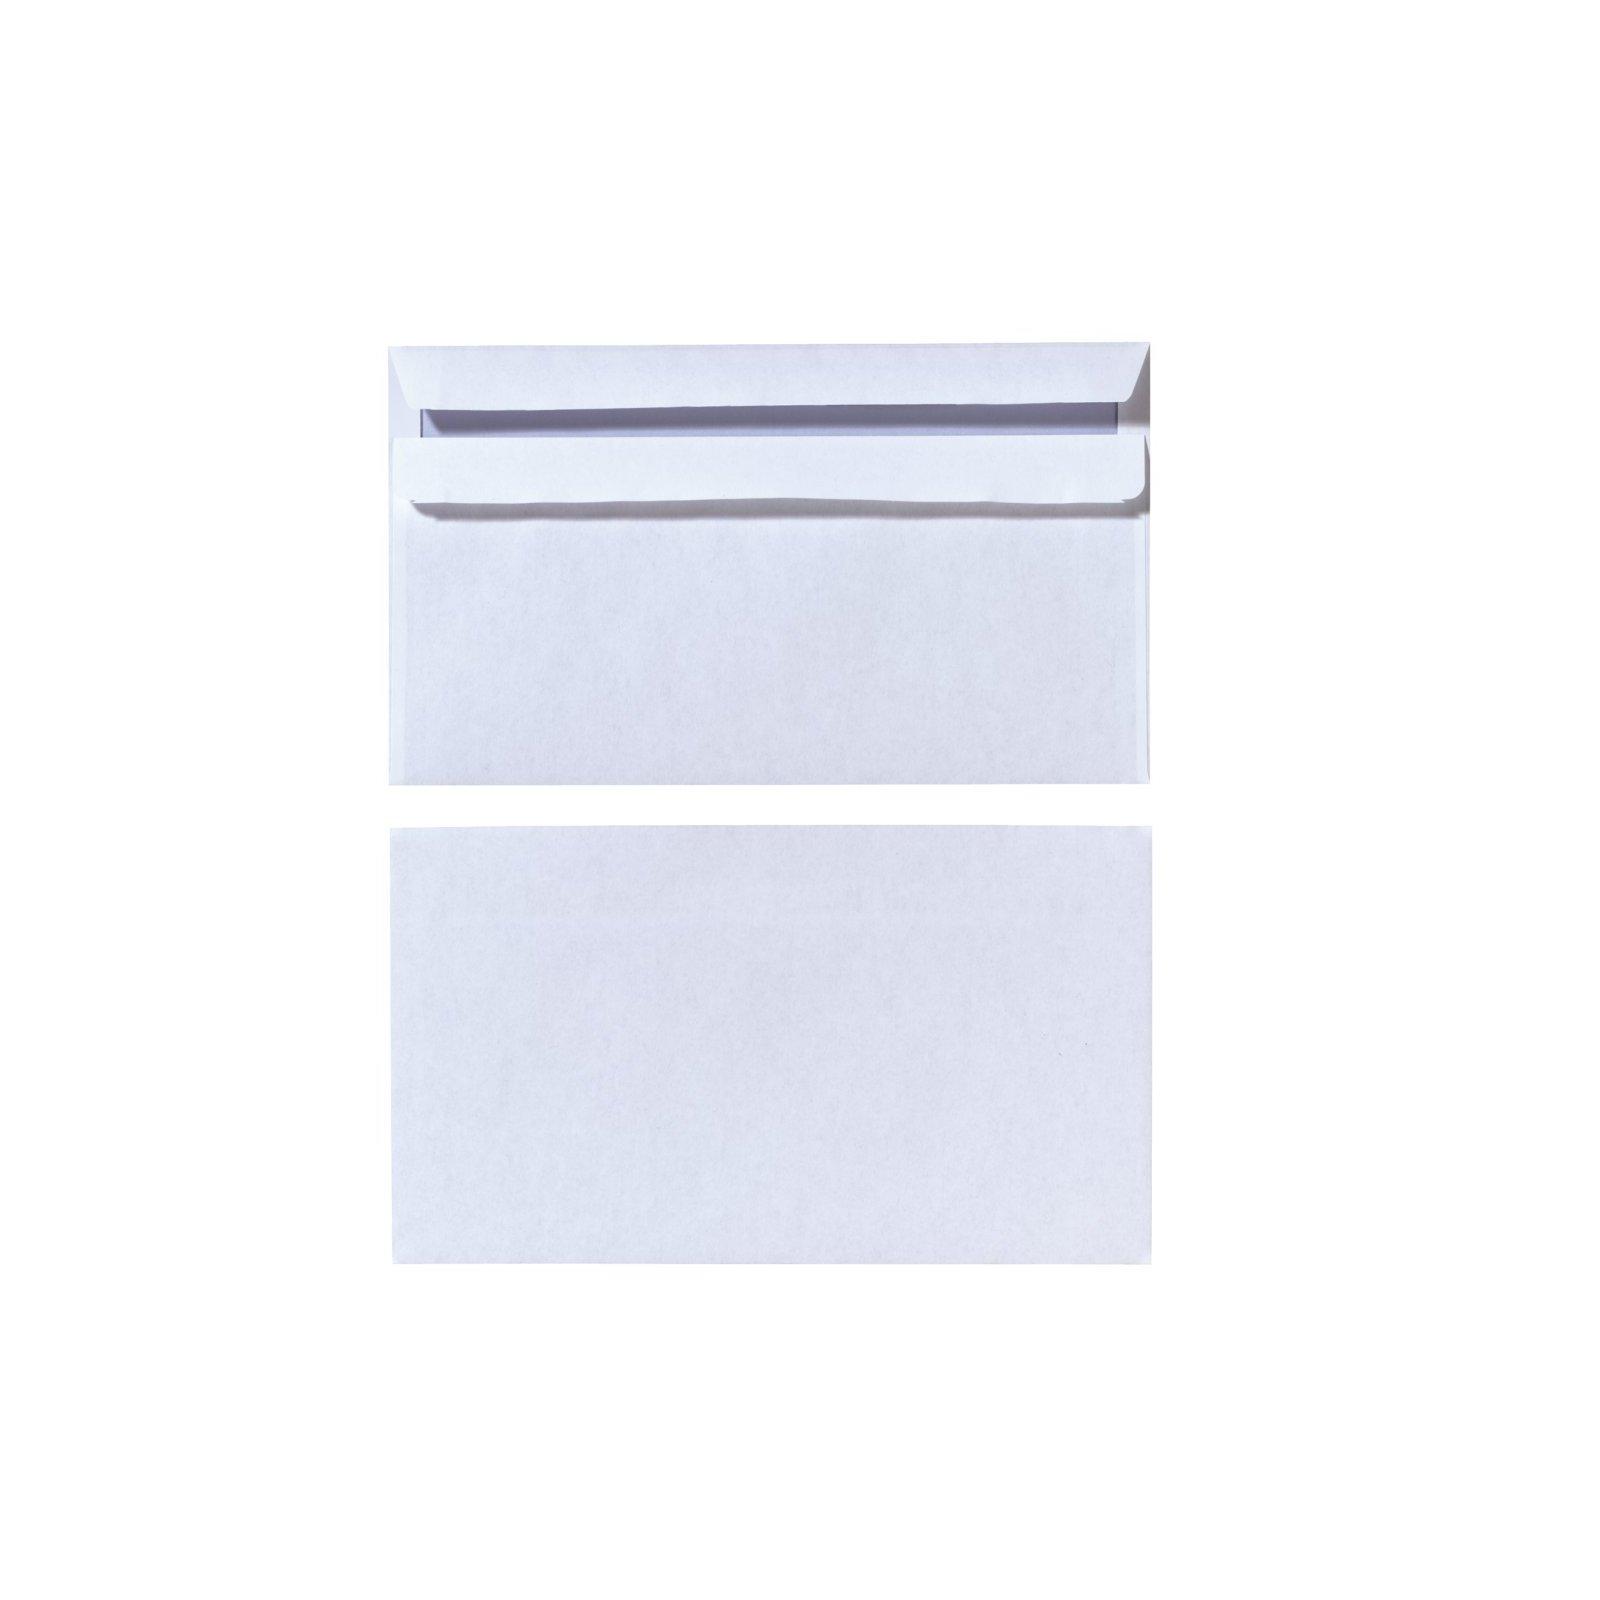 Herlitz Briefumschlag Din Lang Ohne Fenster Weiß 419